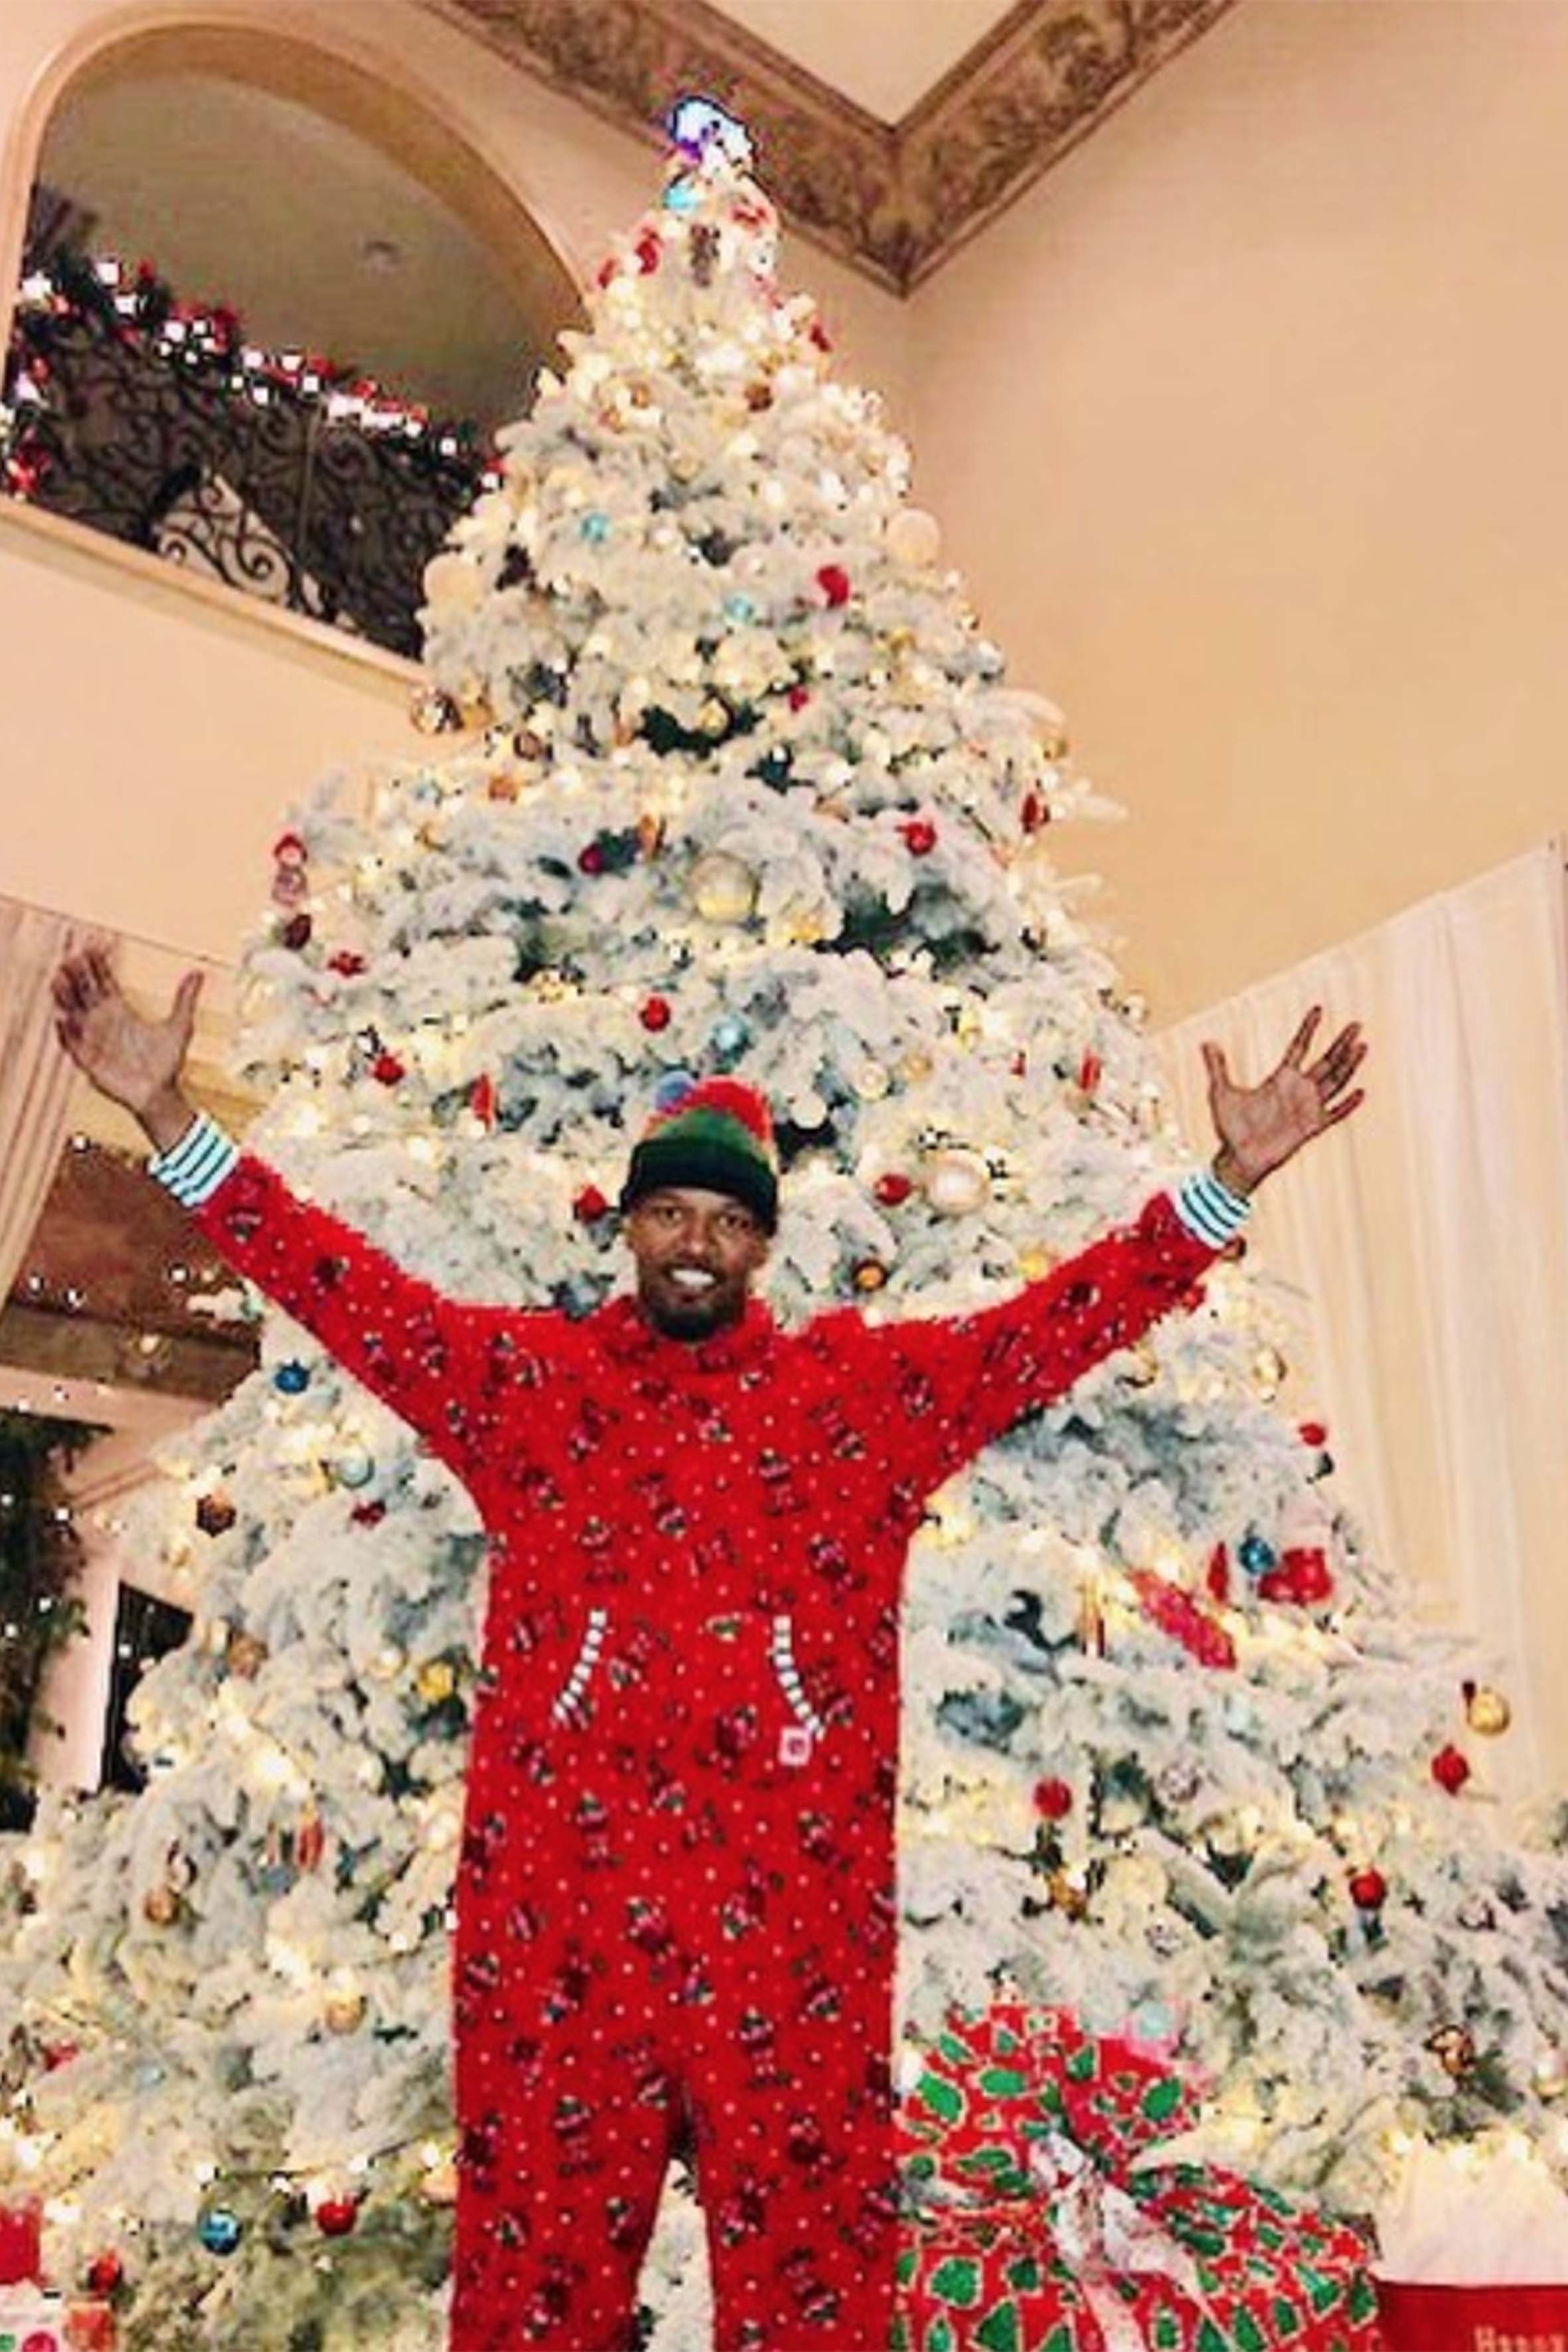 Anche gli uomini preferiscono il pigiama: ecco Jamie Foxx con il suo maxi tutone natalizio